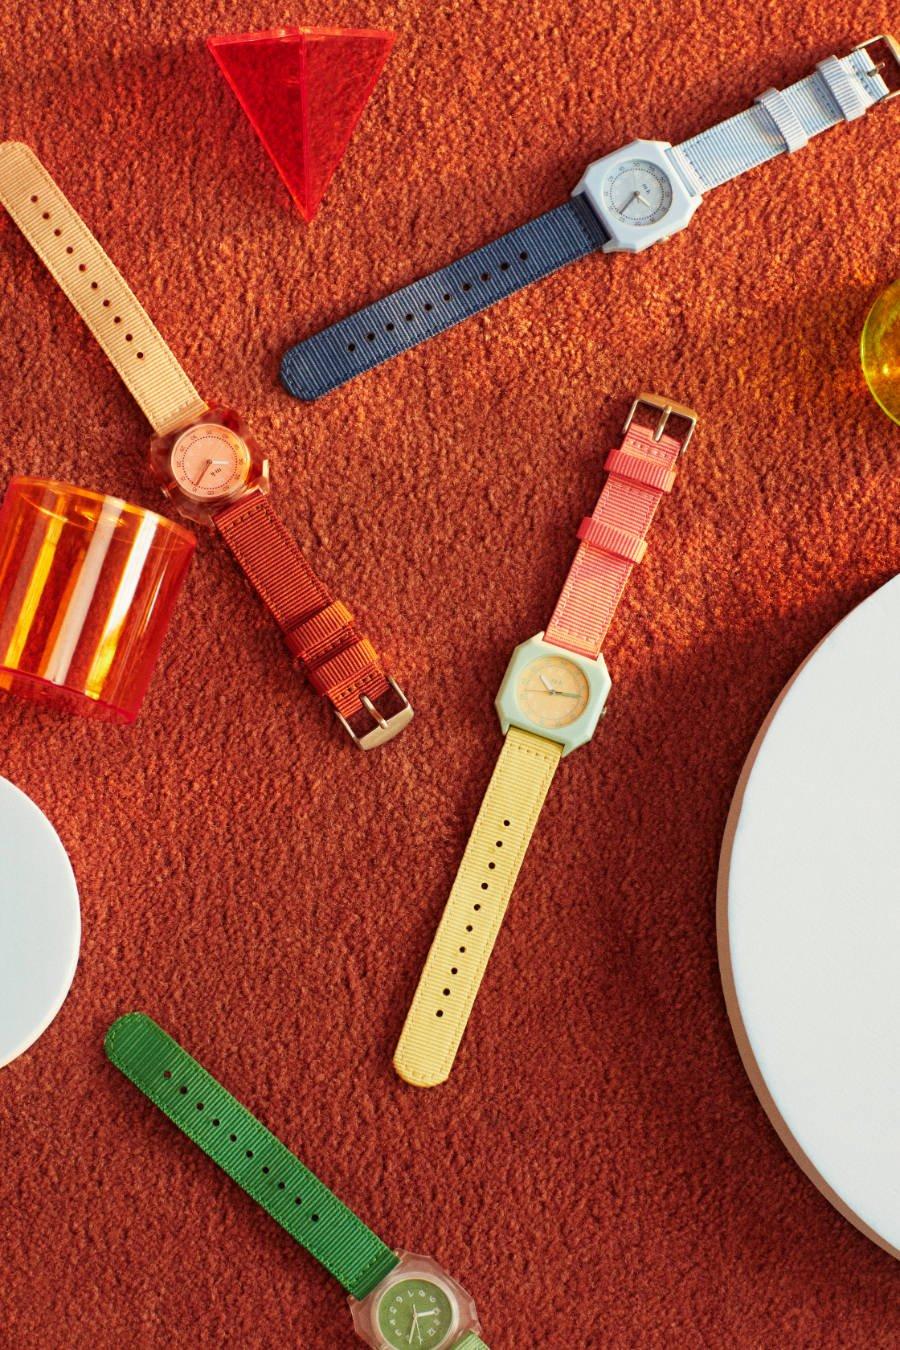 Gute Laune Booster fürs Handgelenk: MINI KYOMO lanciert Uhren für Kinder im 80er-Candy-Look